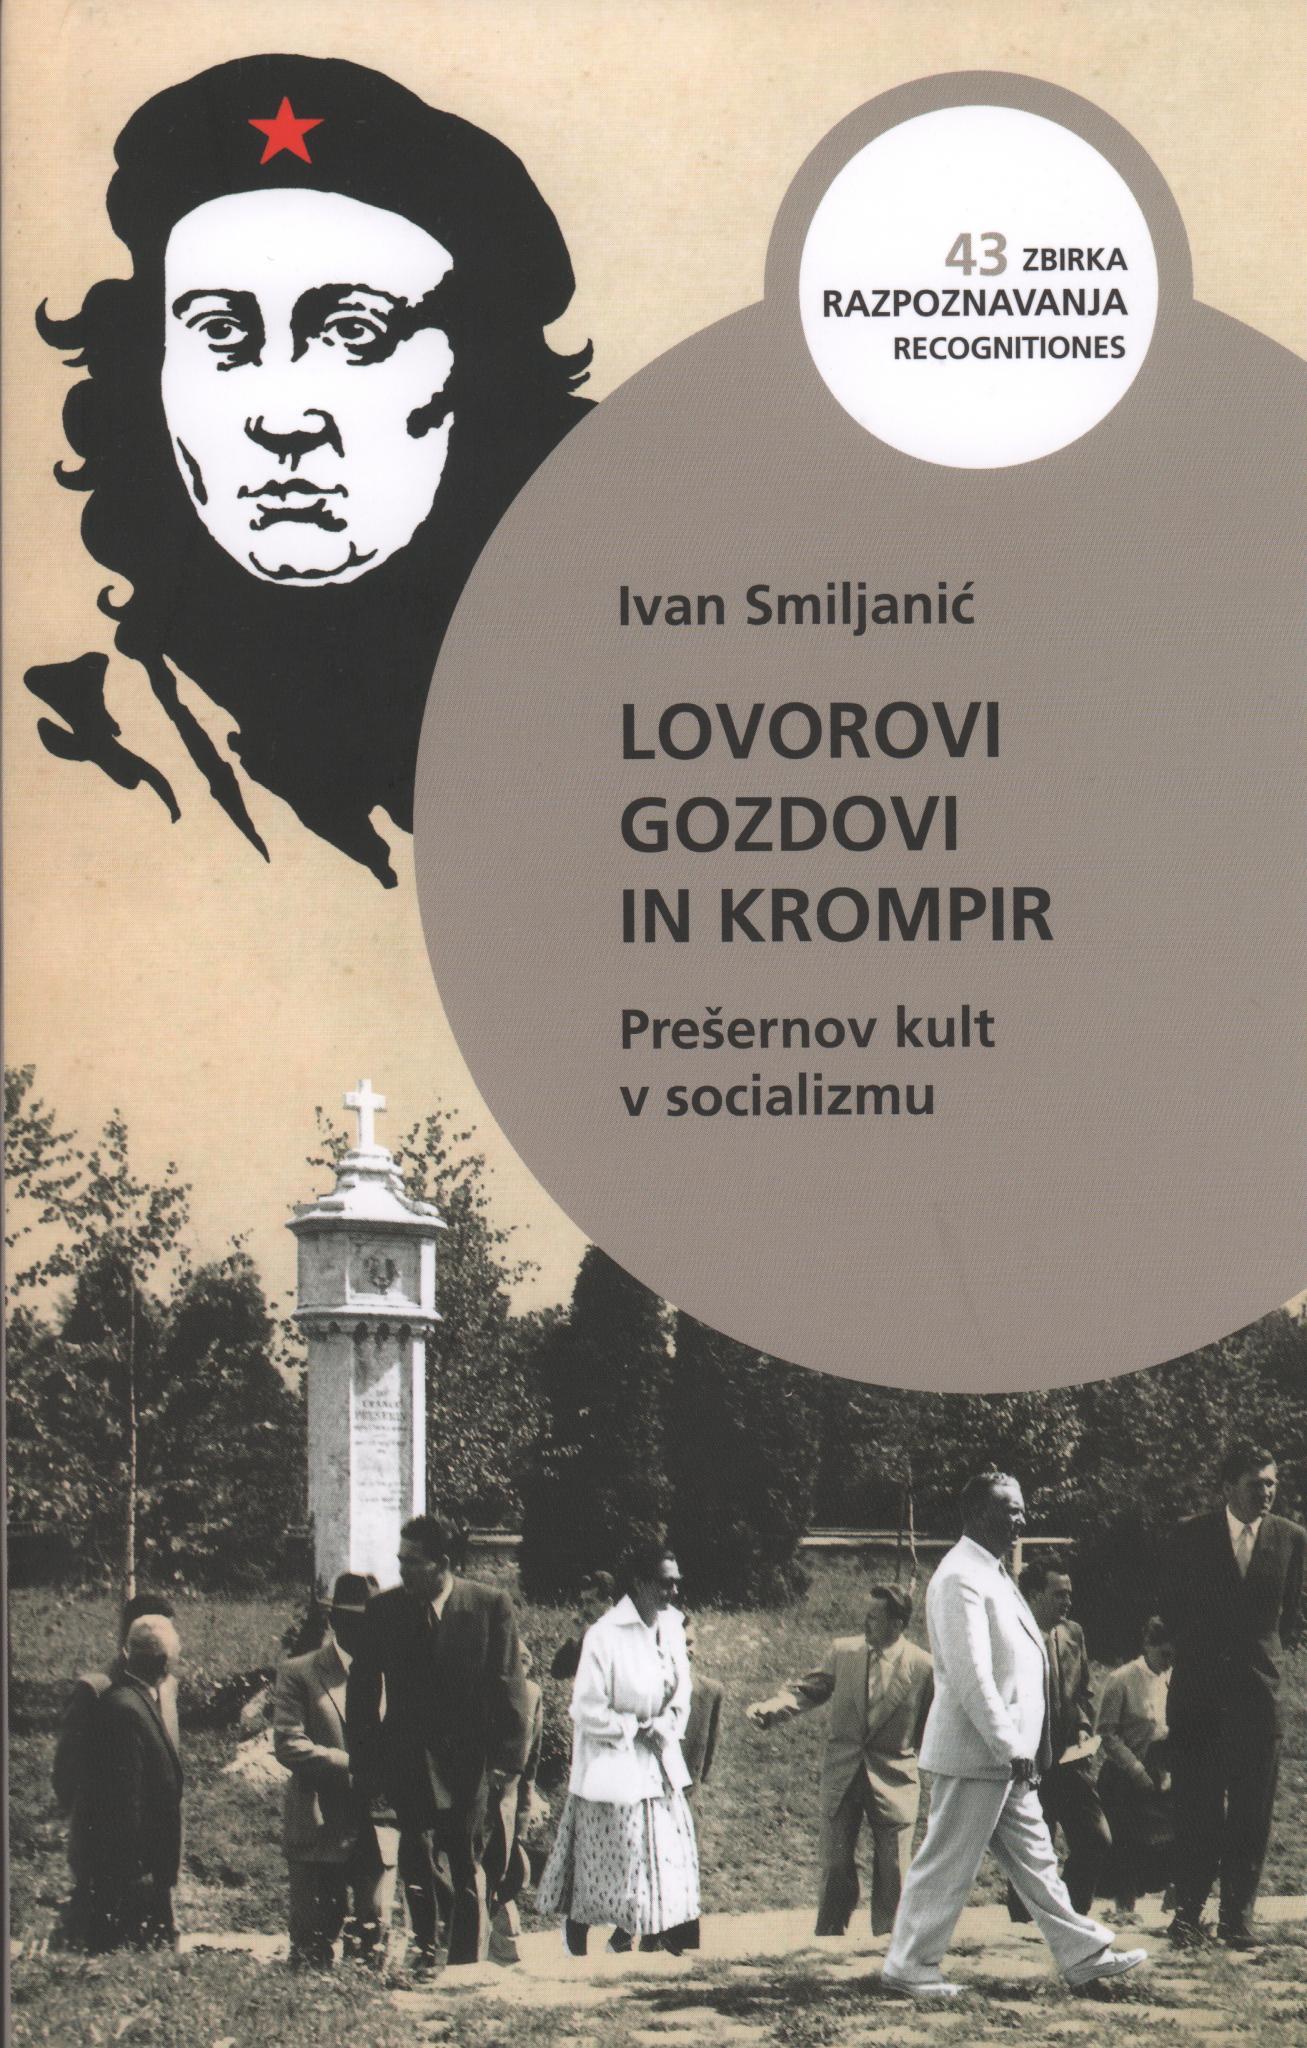 (Slovenski) Lovorovi gozdovi in krompir